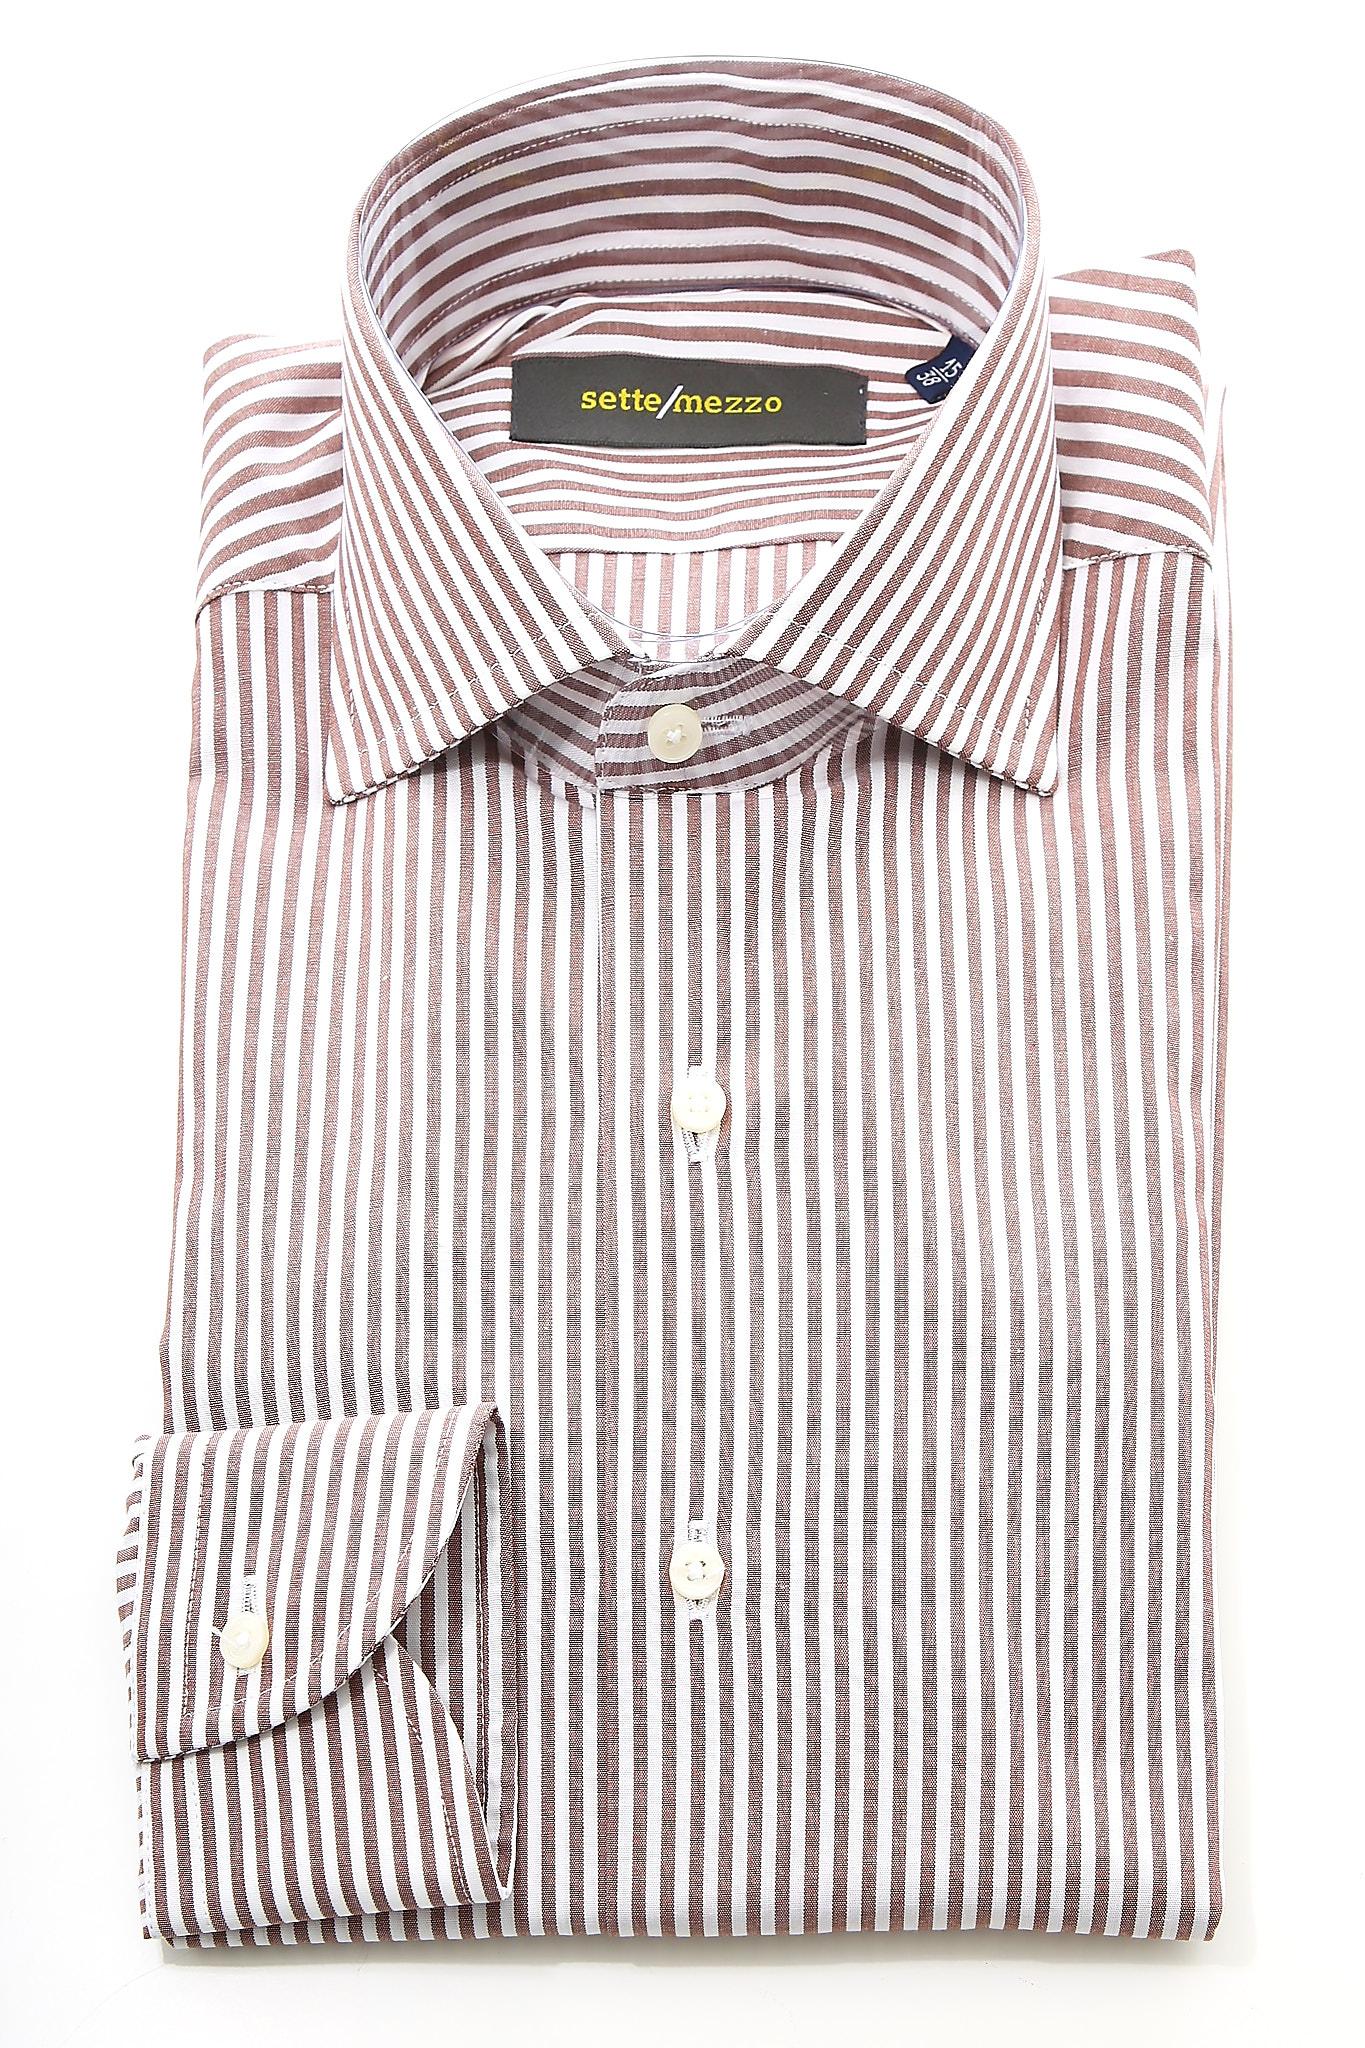 Camicia Sette/Mezzo SETTE/MEZZO   Camicia   TS1160010